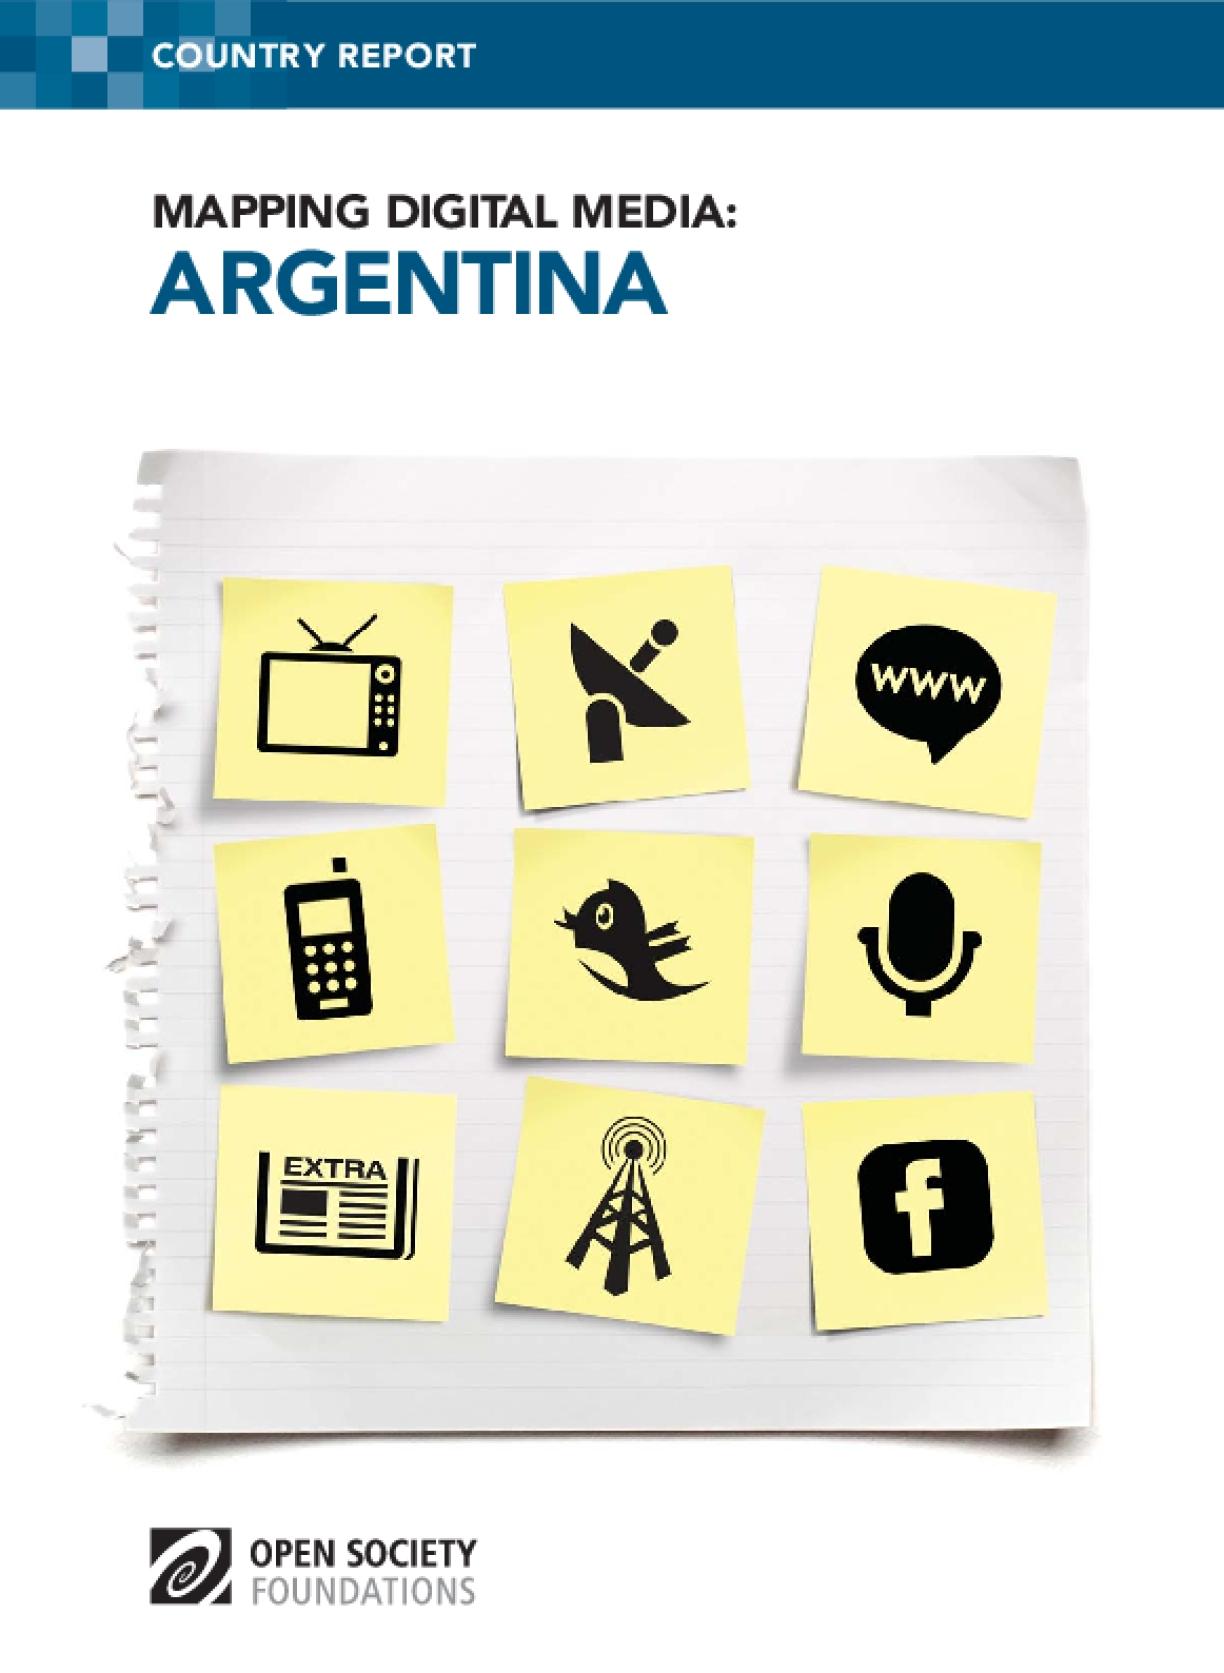 Mapping Digital Media: Argentina